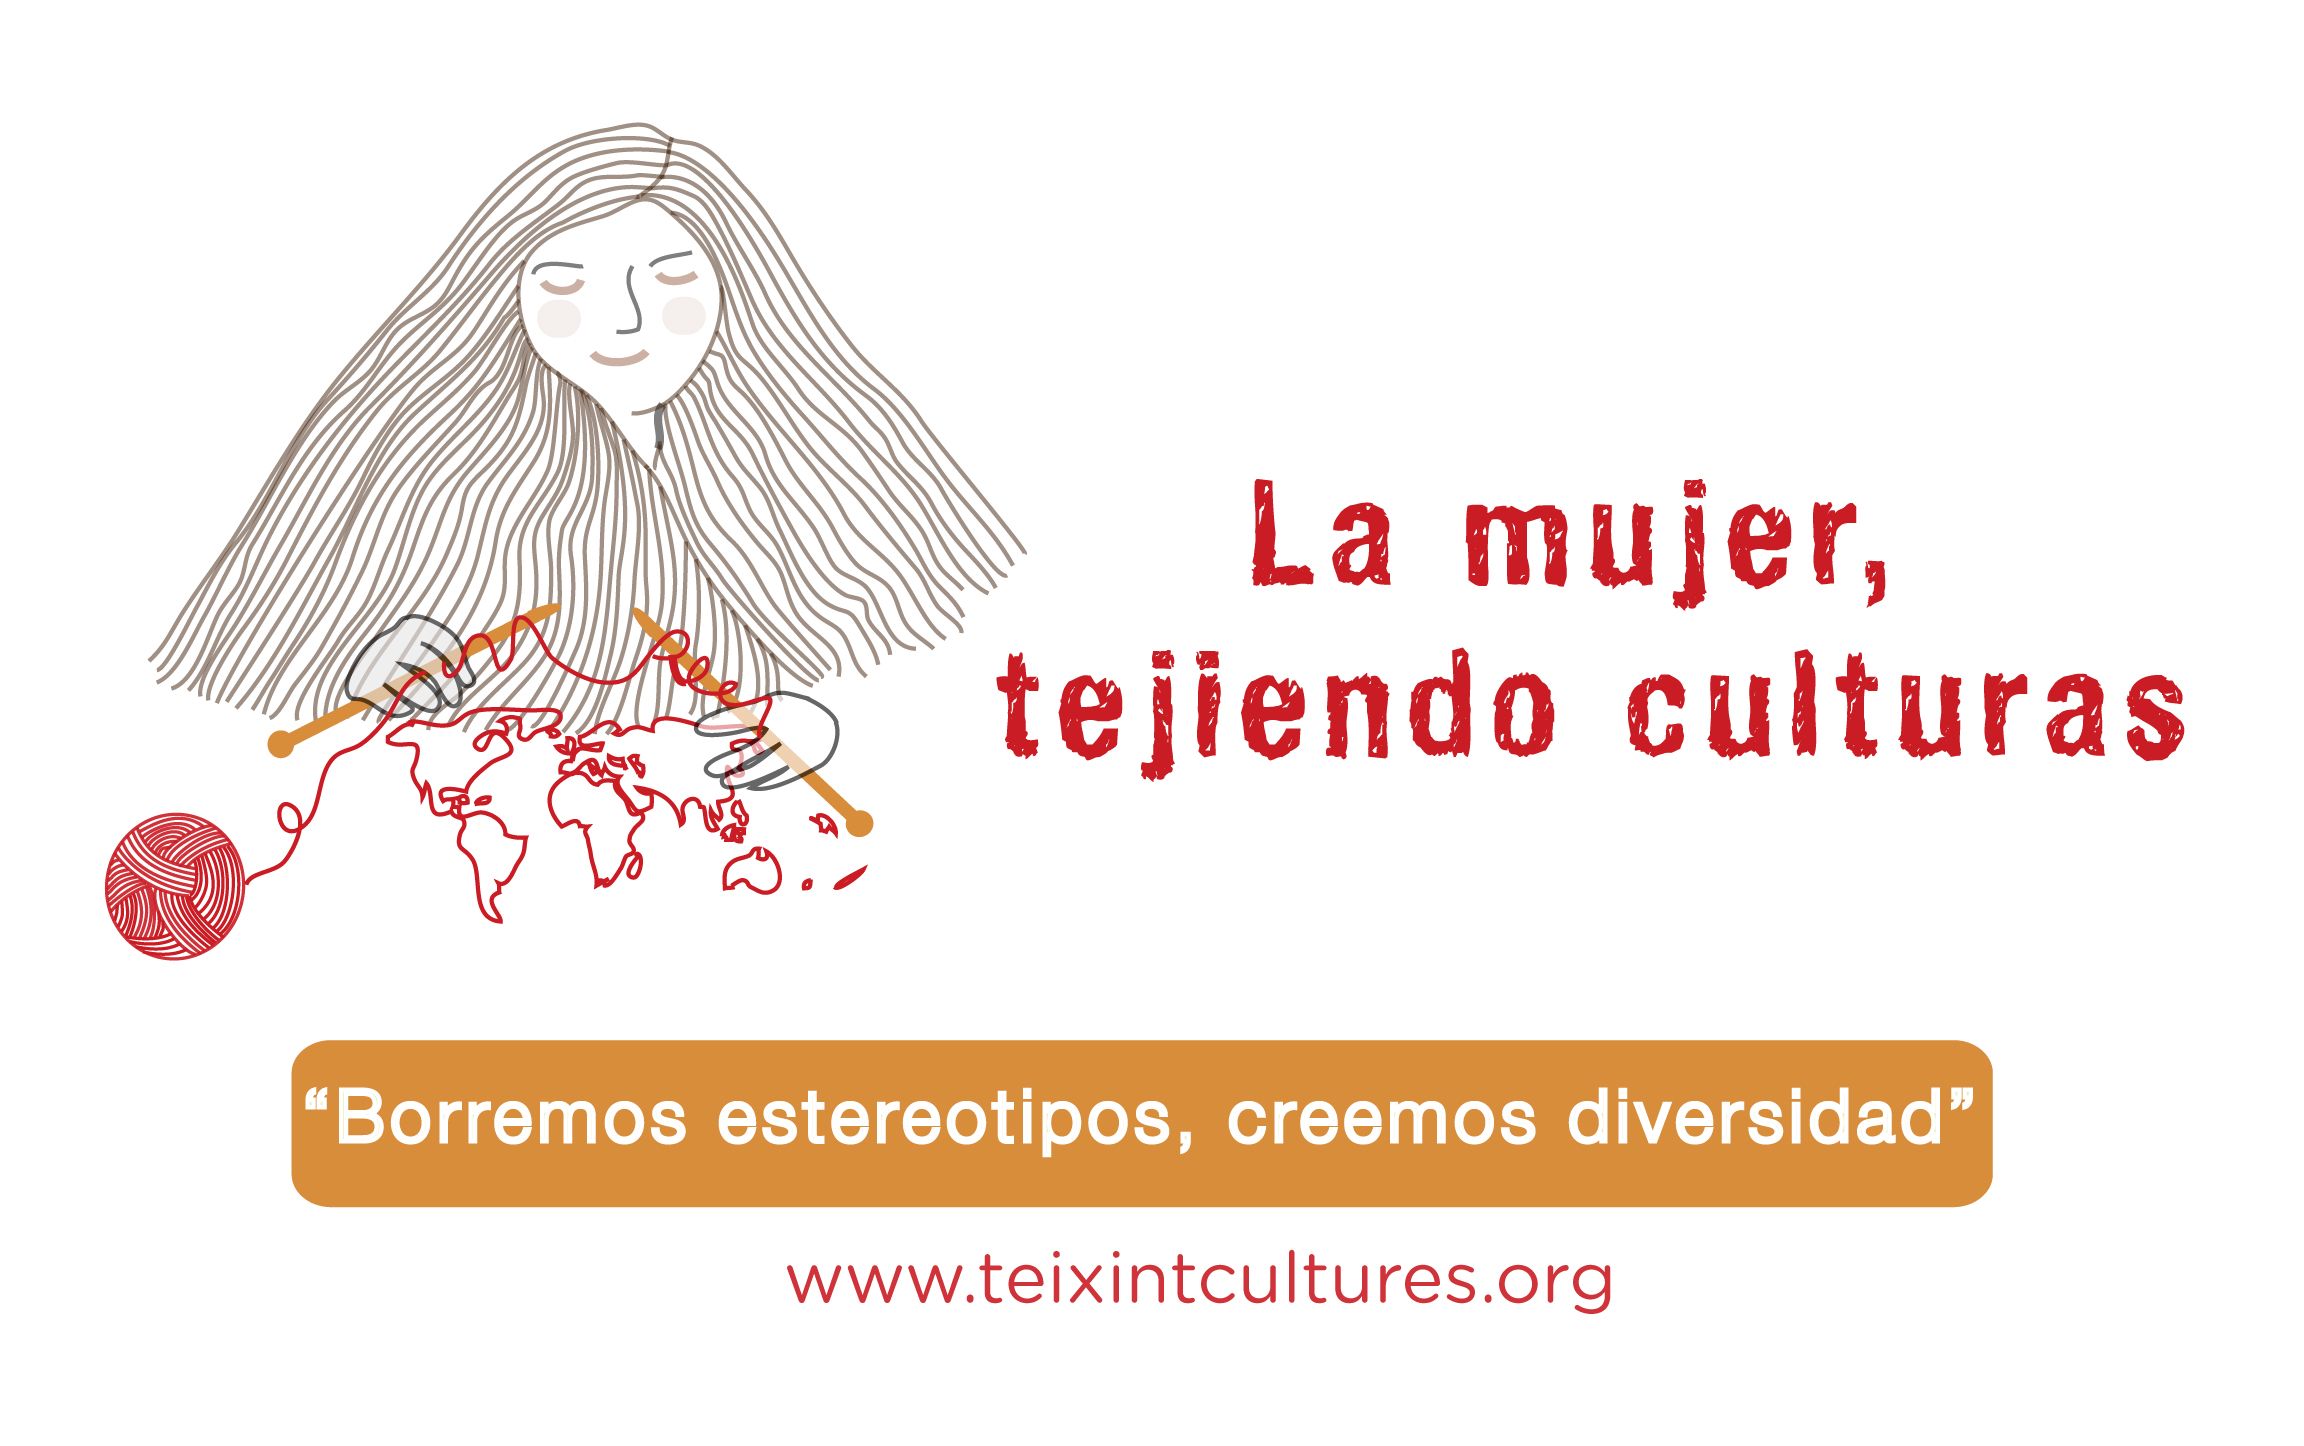 La mujer tejiendo culturas - imagen destacada